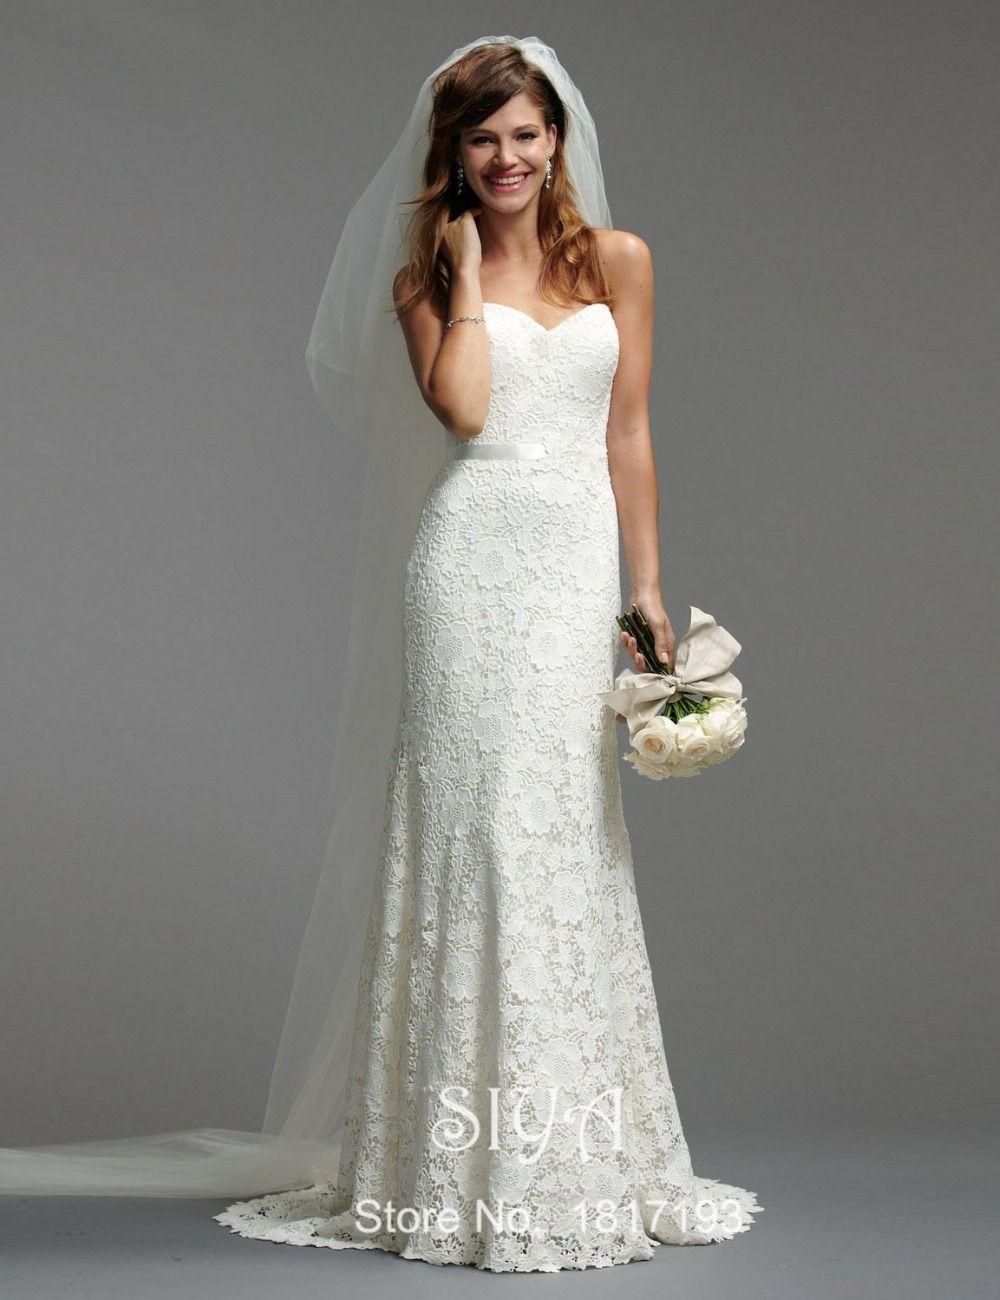 Erfreut Einfache Weiße Spitze Brautkleid Galerie - Brautkleider ...